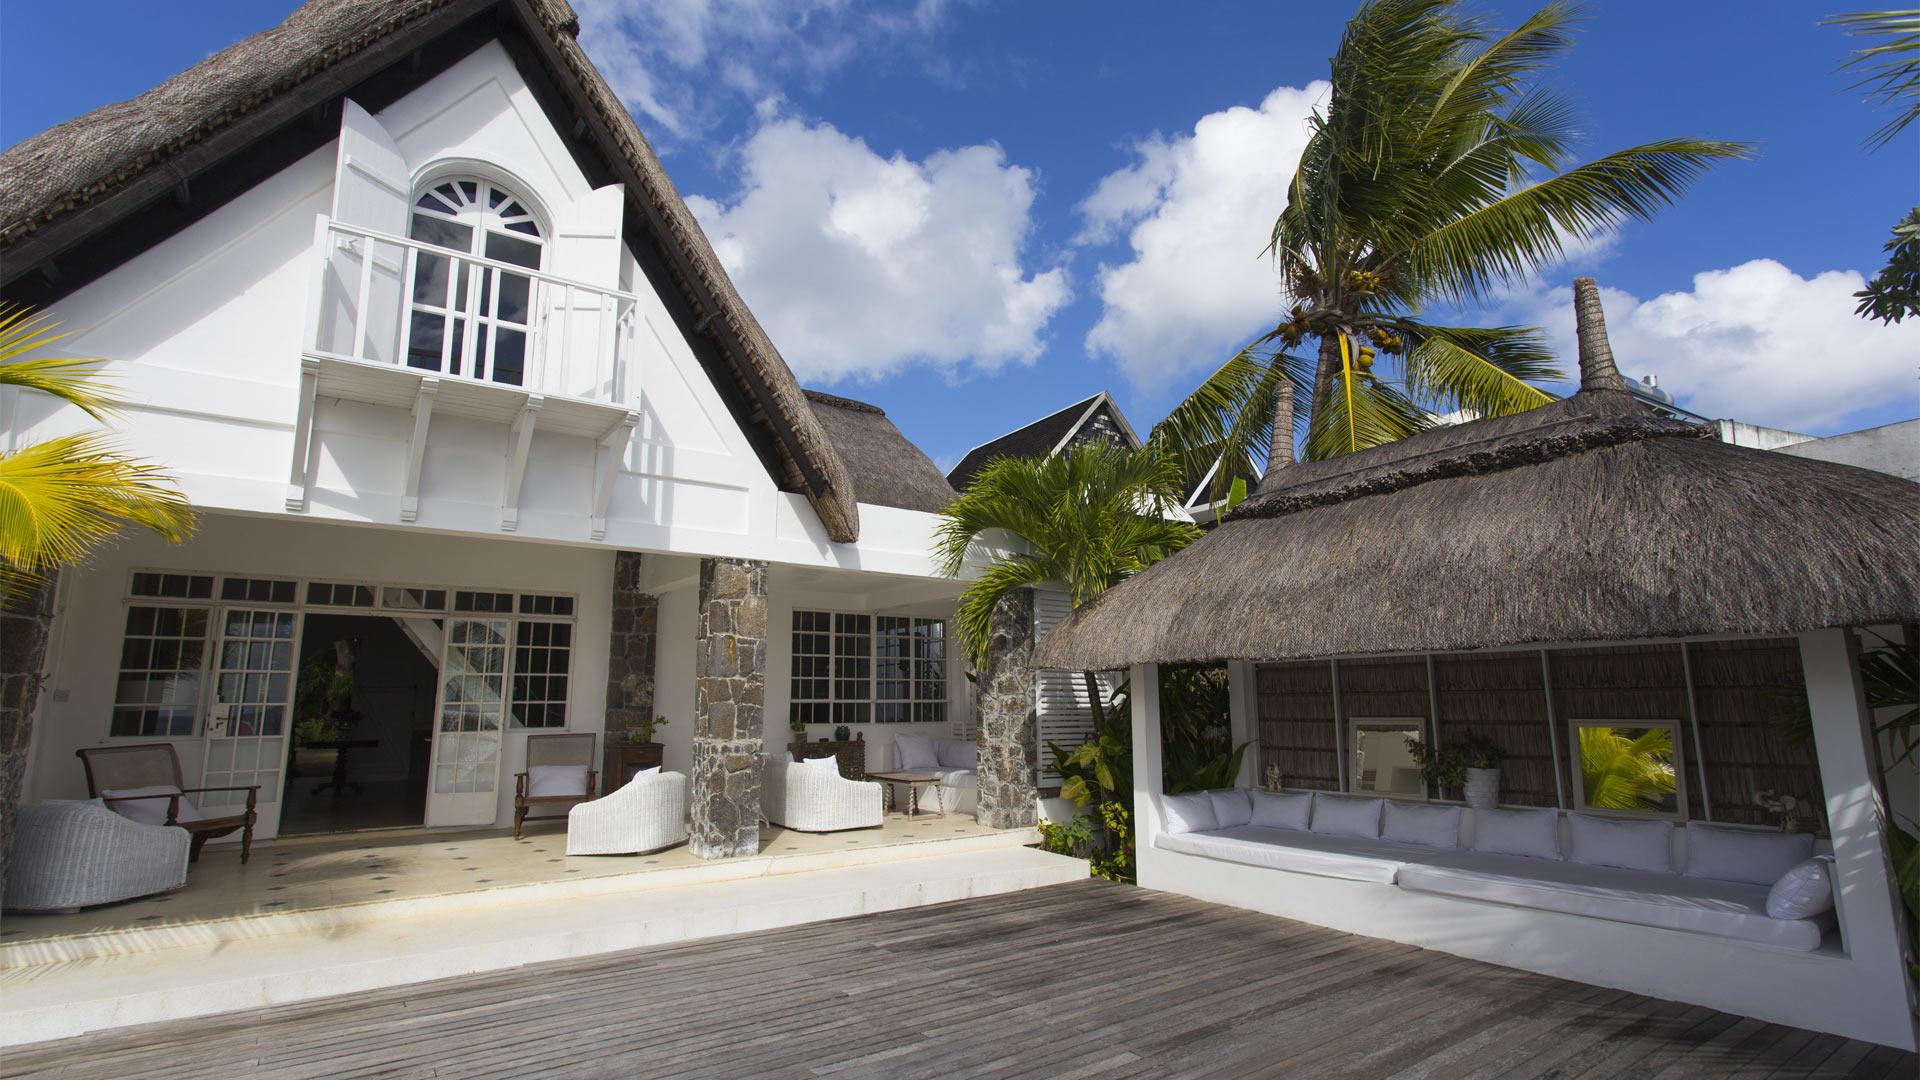 Villa coloniale villa à louer à Île maurice nord pointe aux